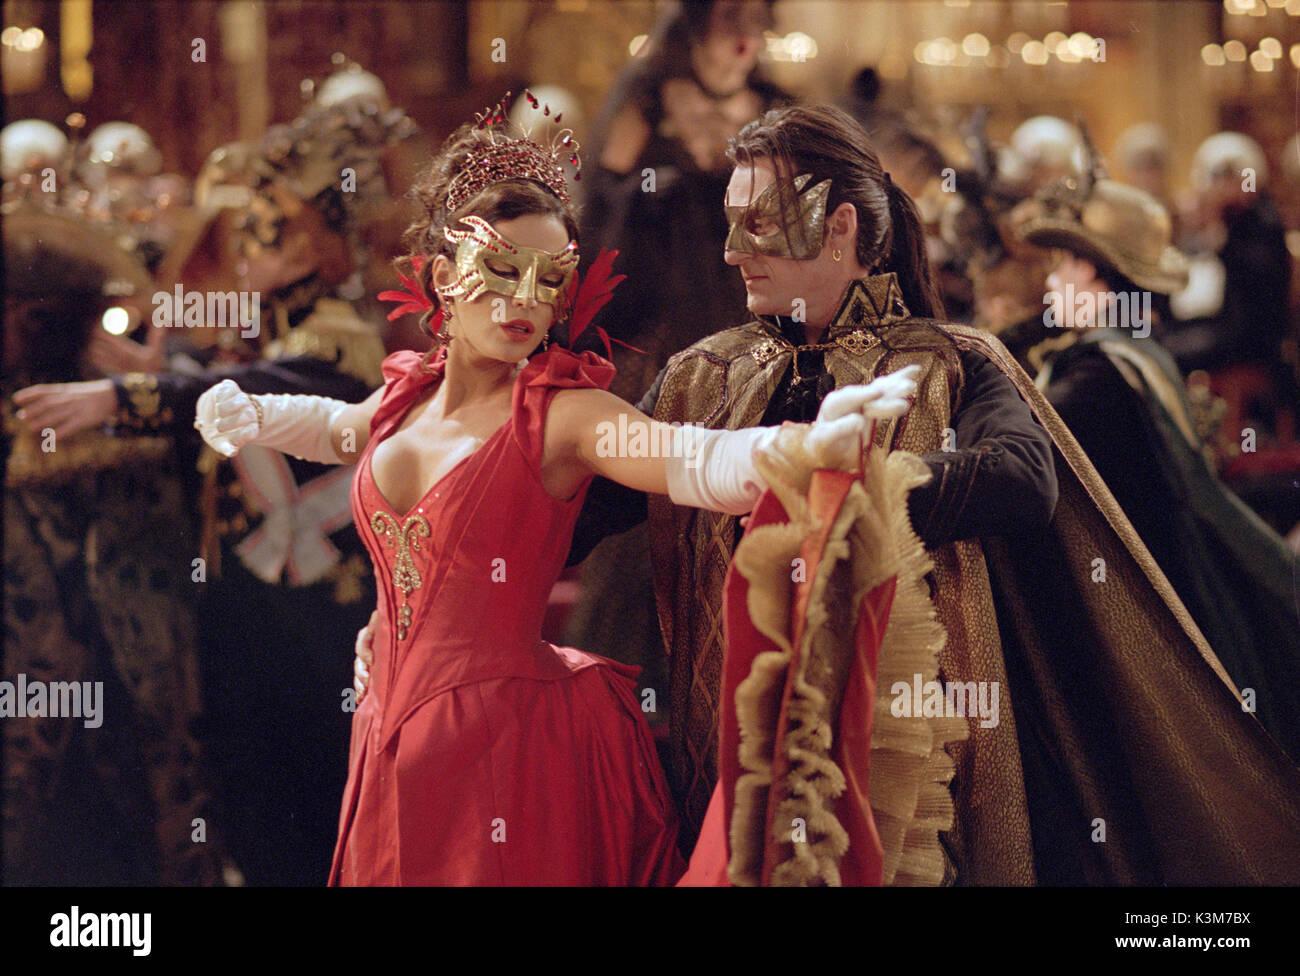 VAN HELSING KATE BECKINSALE, RICHARD ROXBURGH as Count Dracula VAN HELSING     Date: 2004 - Stock Image